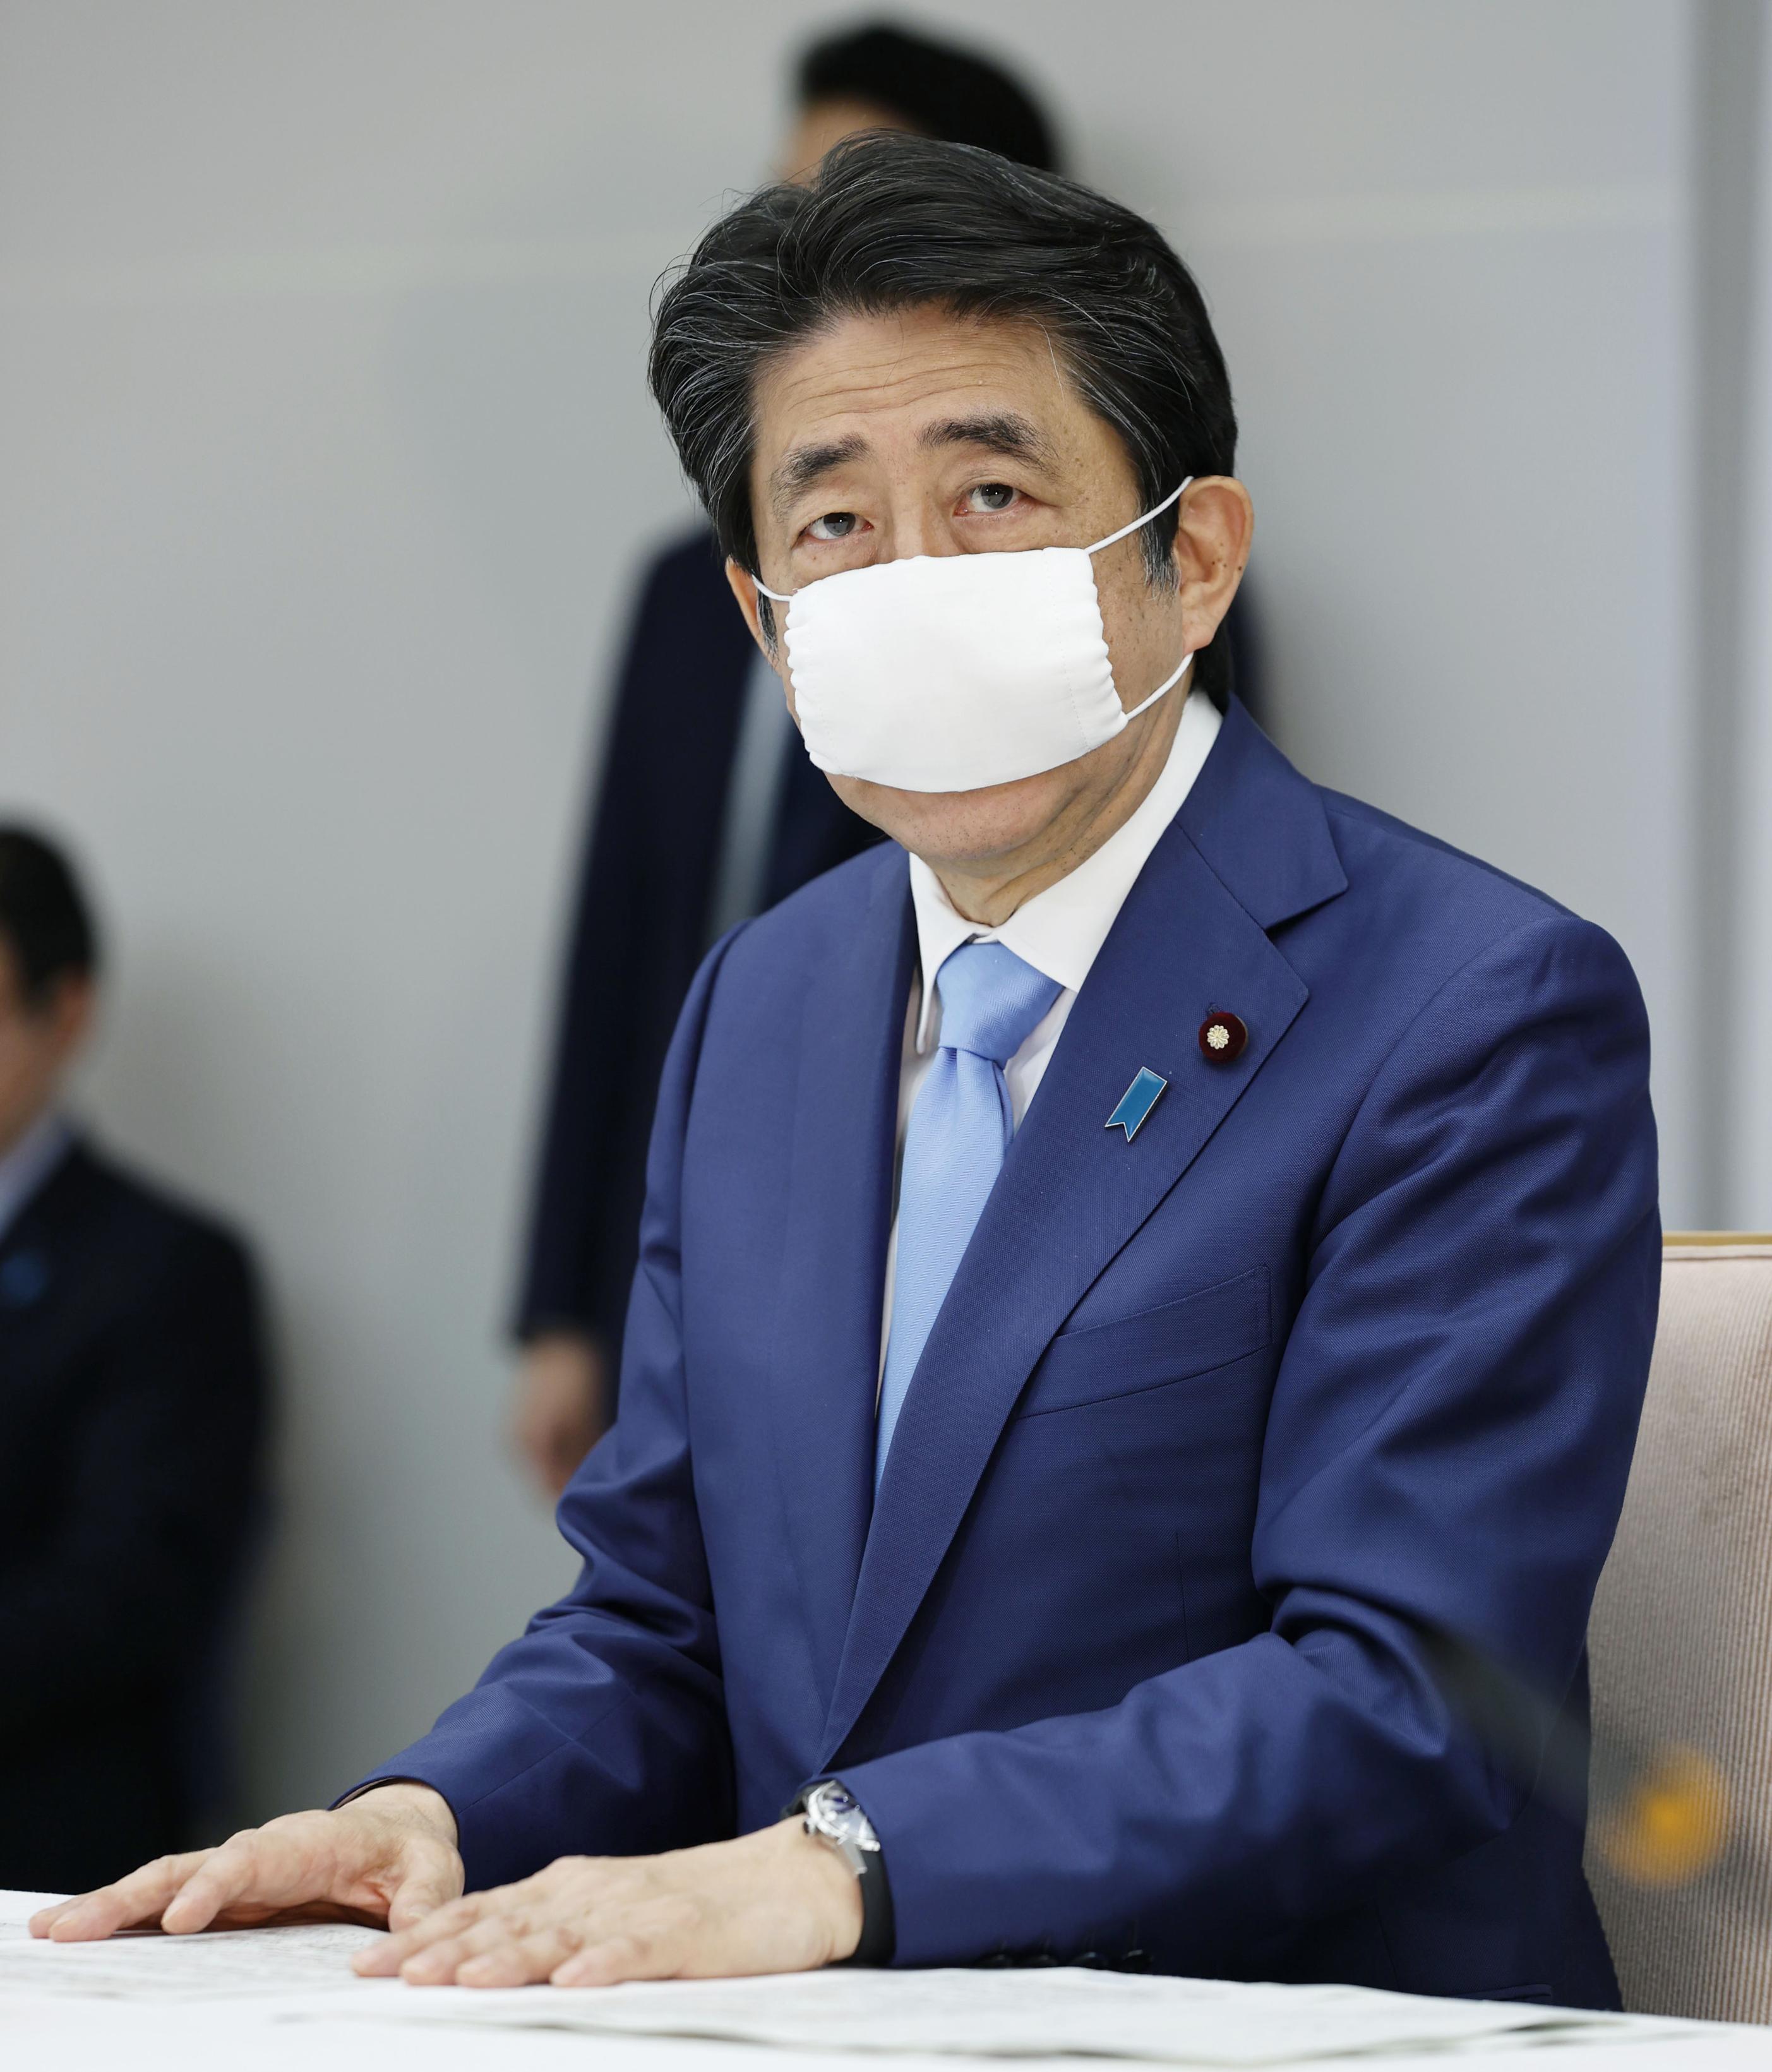 新型コロナウイルス感染症対策本部会合で緊急事態宣言の延長を表明する安倍首相=4日午後5時6分、首相官邸